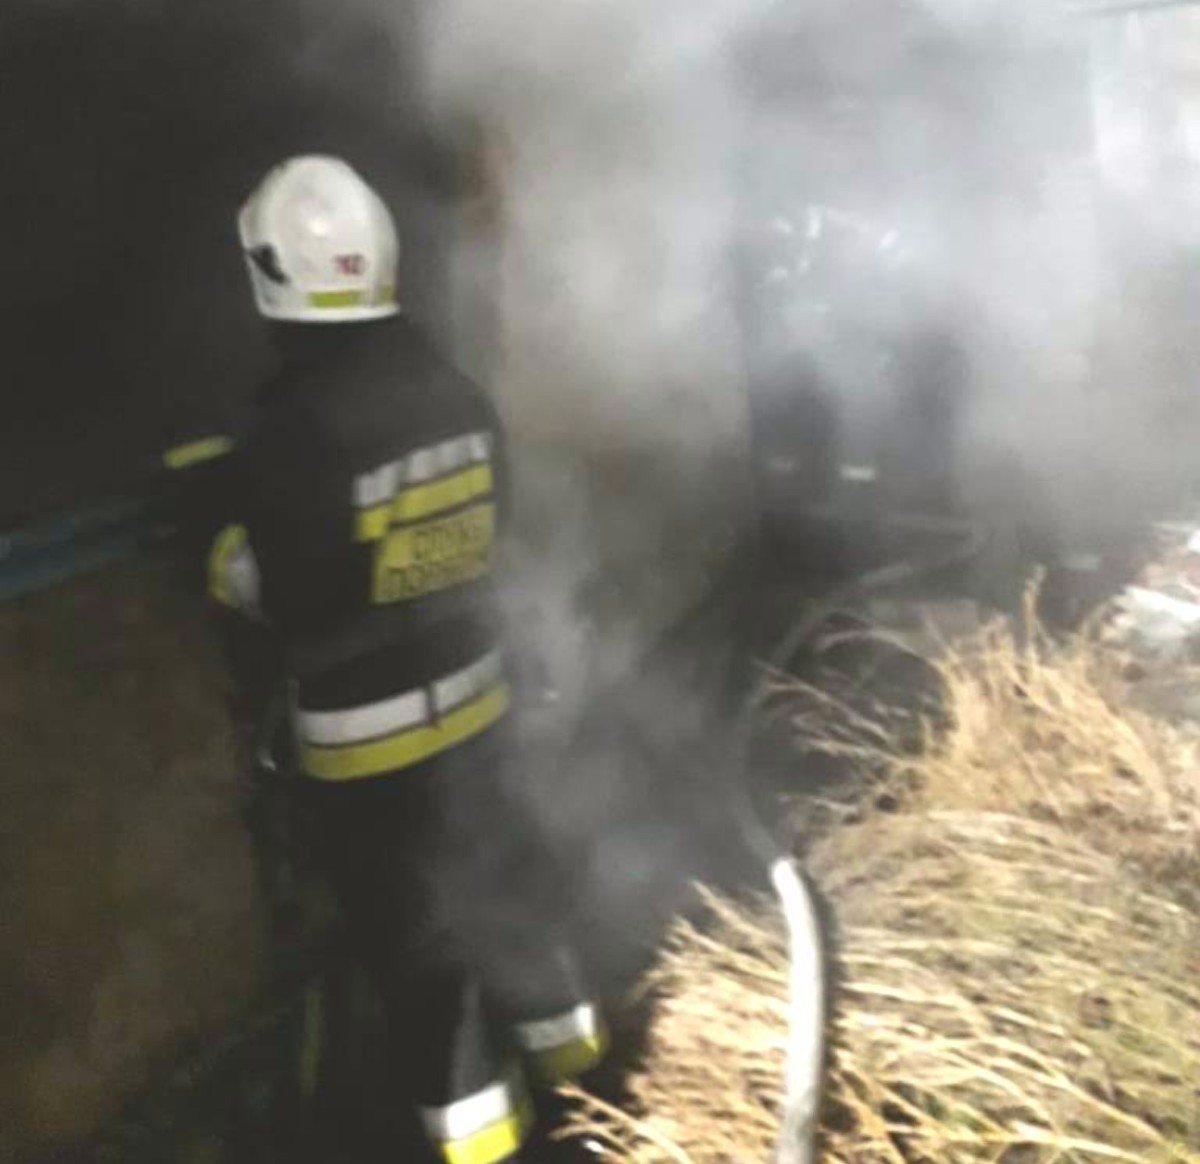 Херсонские спасатели потушили пожар заброшенного дома